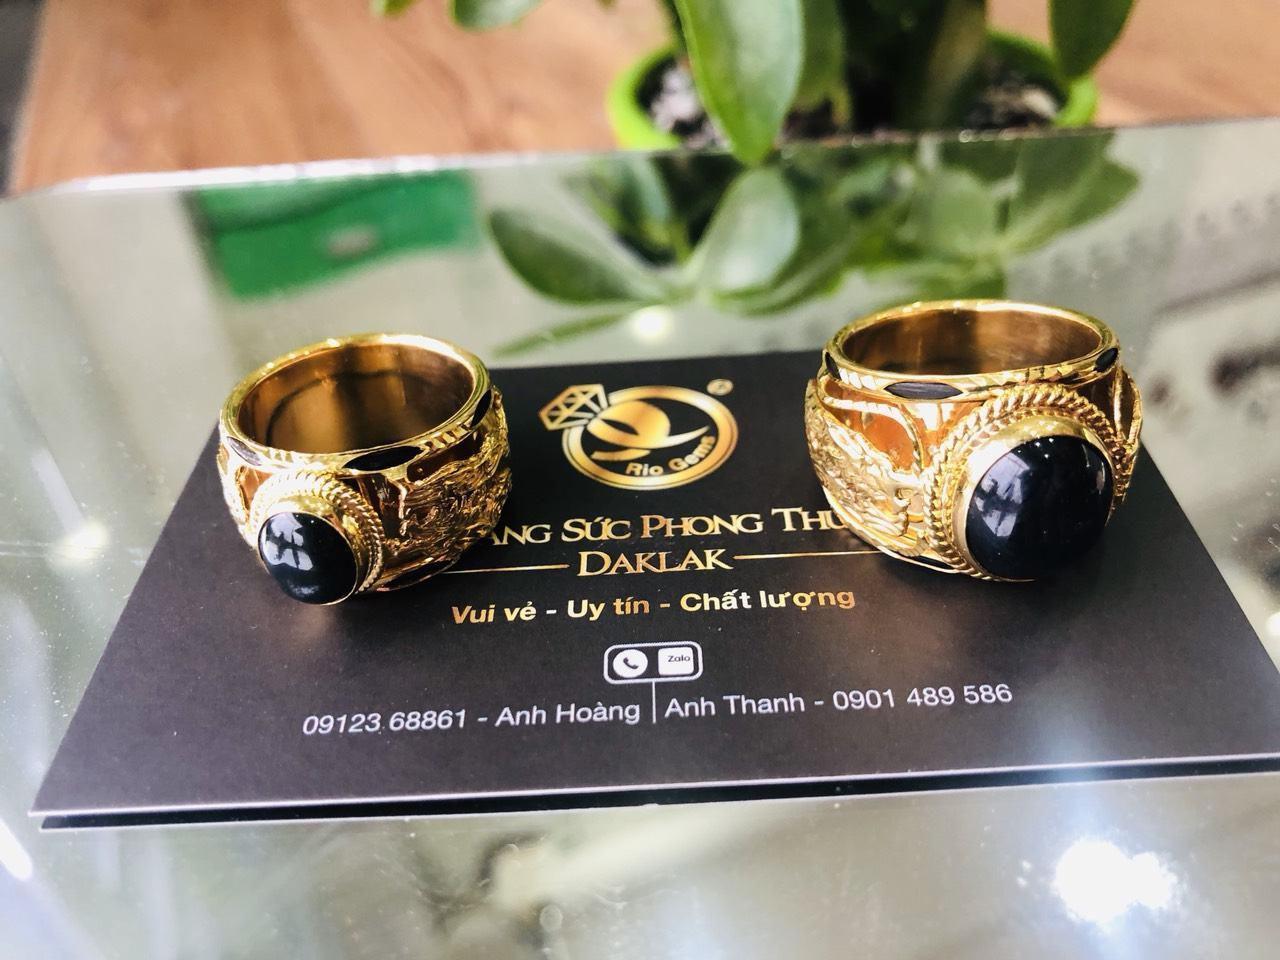 Nhẫn vàng gắn đá Saphia xanh đen hình Rồng